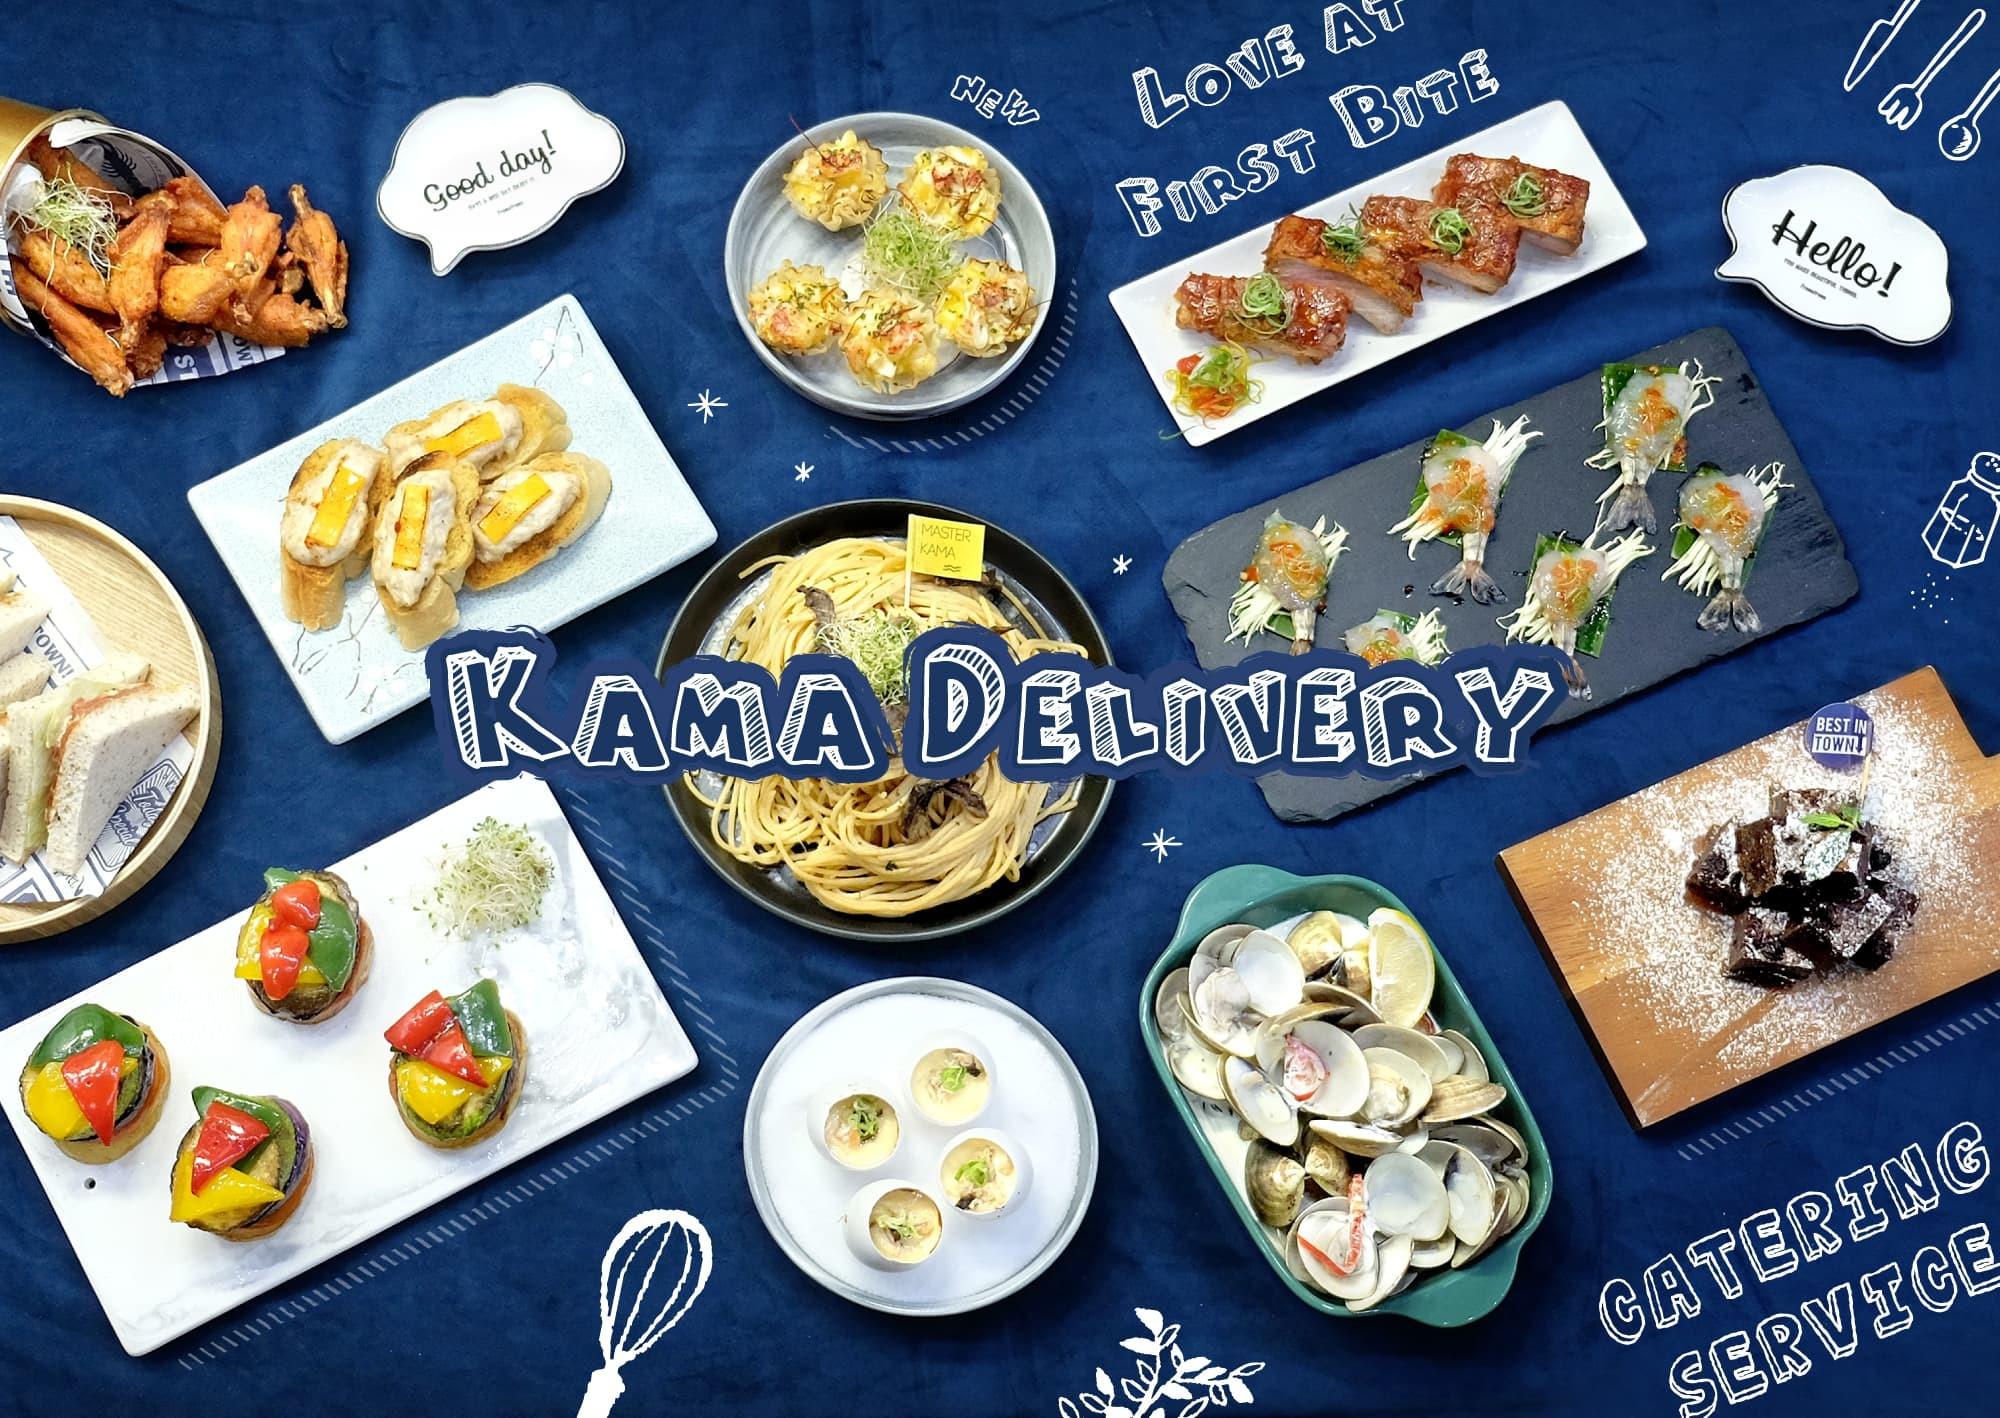 Kama Delivery為各大公司、企業、團隊提供多款午餐及午膳到會外賣服務,並享有免運費優惠。